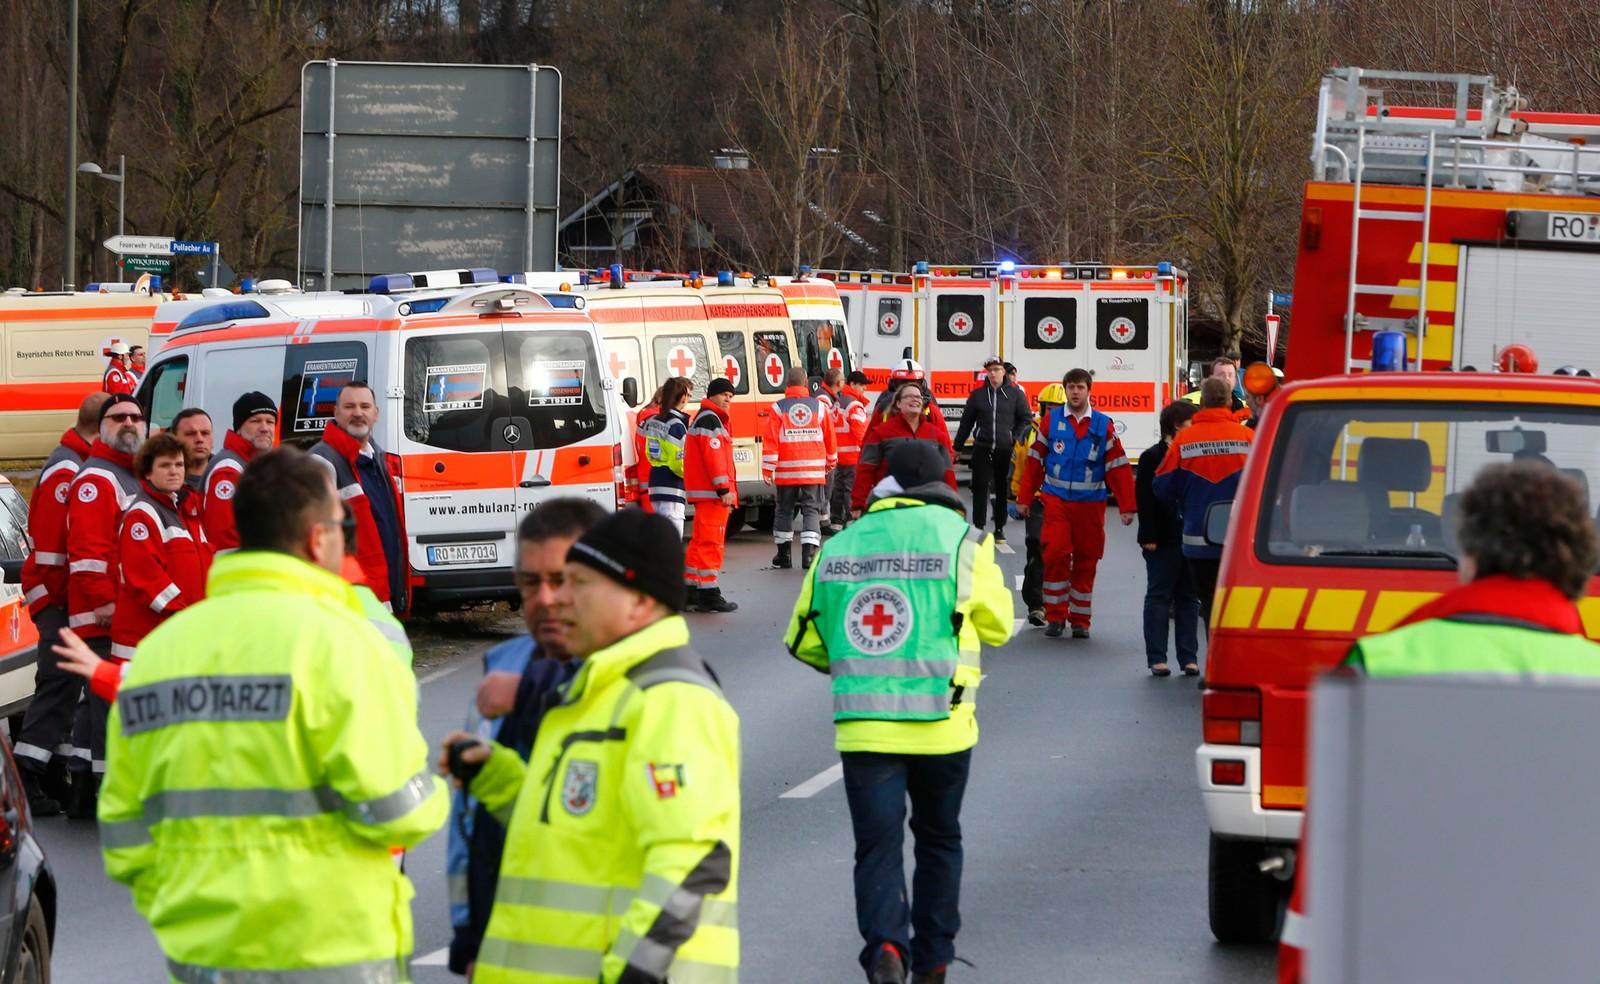 To tog har kollidert i nærheten av byen Bad Aibling sørøst i Tyskland, og ifølge politiet er det flere døde. Rundt 150 personer er skadd i kollisjonen.